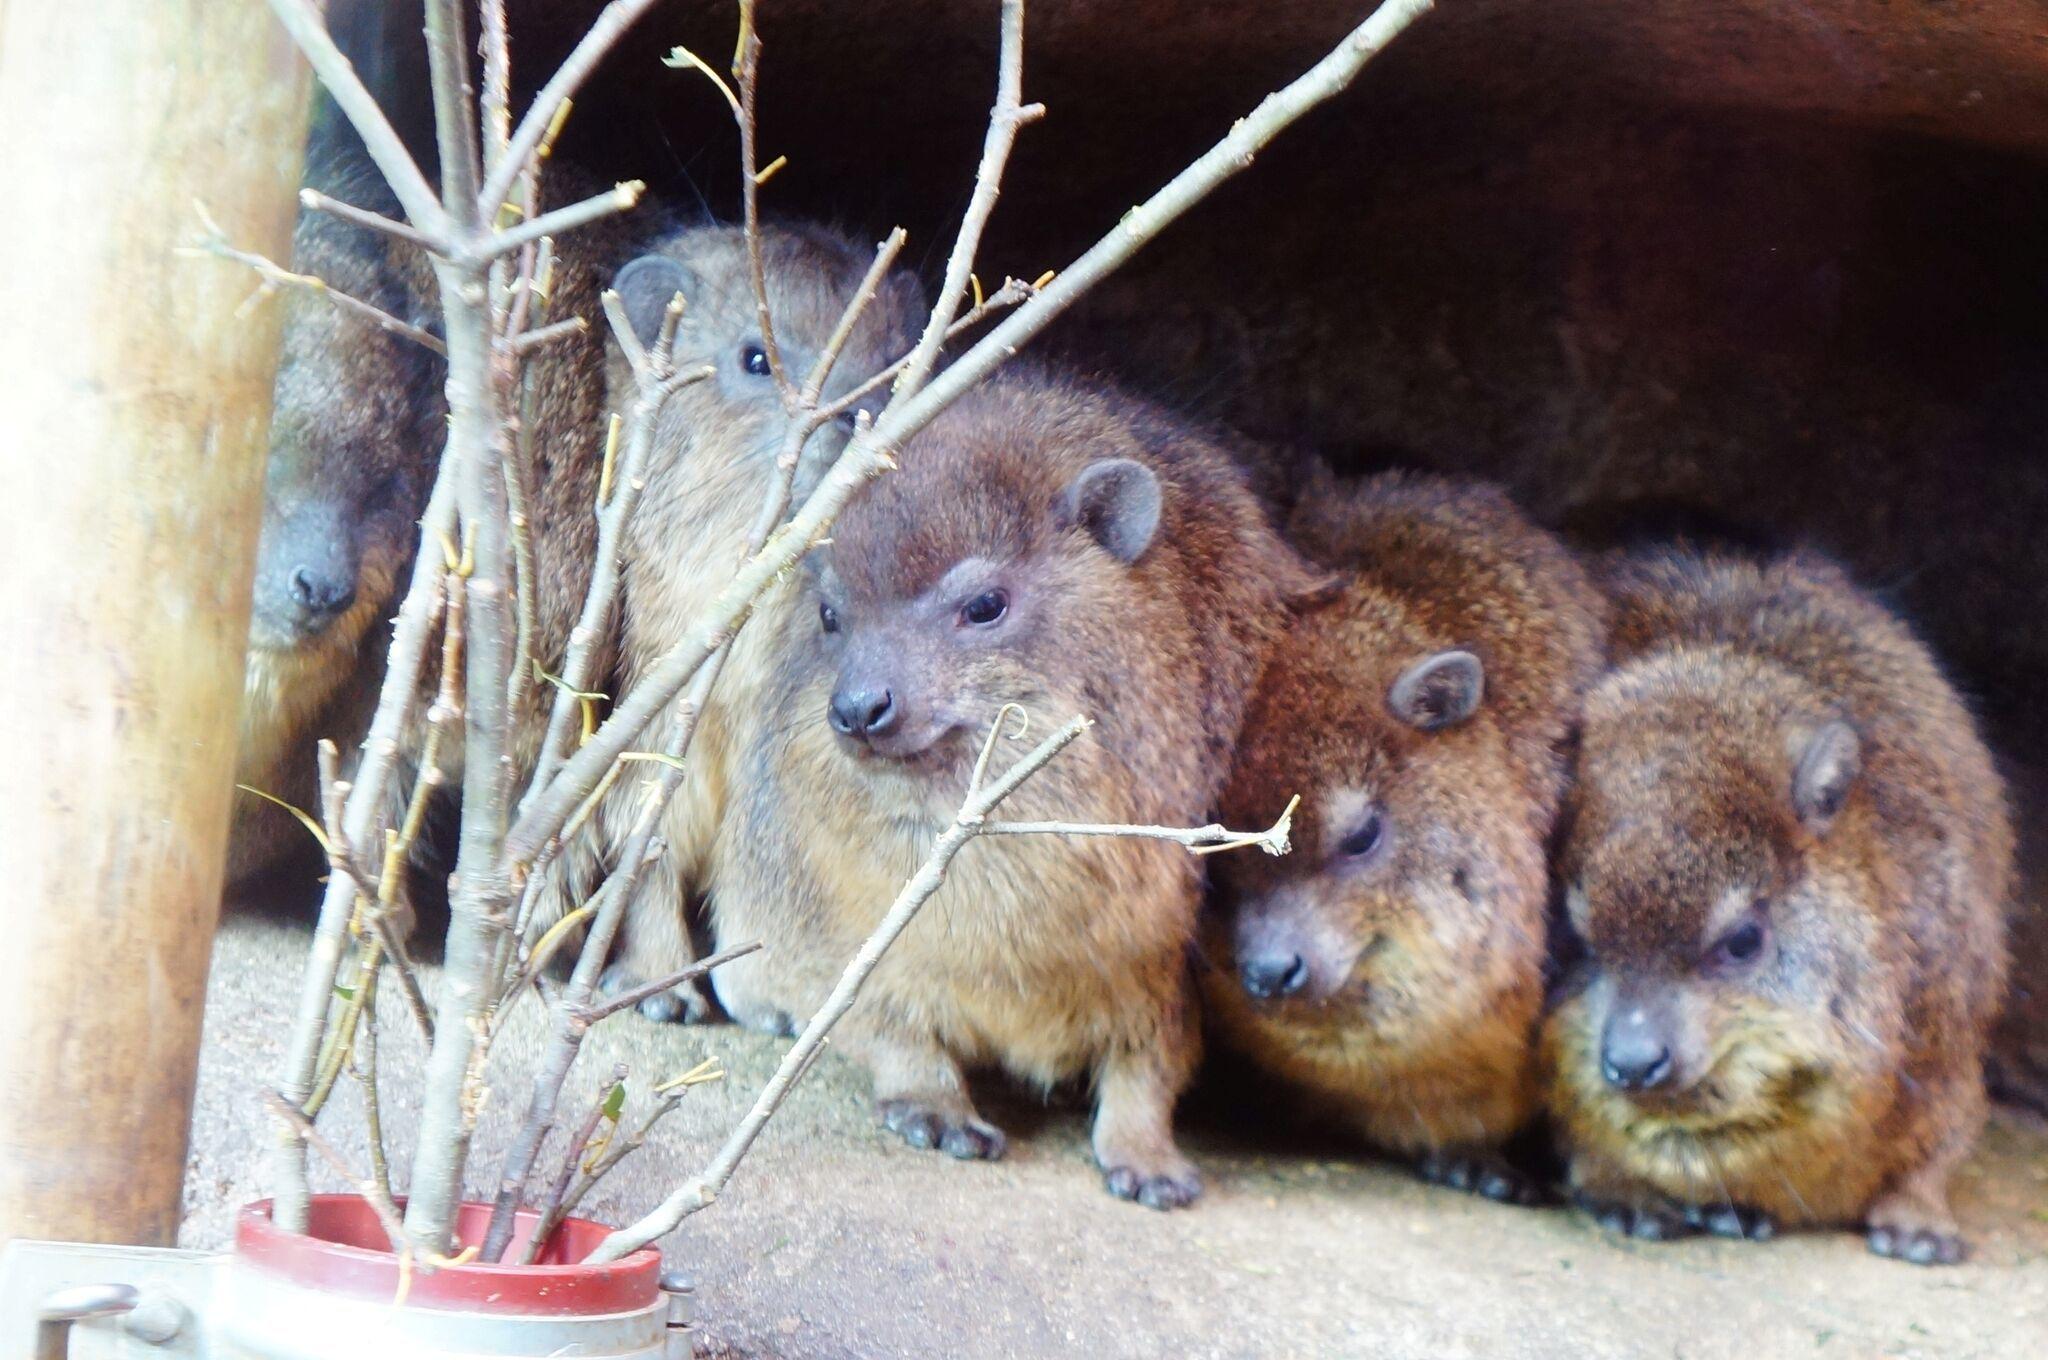 日曜朝教室(12月9日)🐘 天王寺動物園 🐧_e0175020_22341388.jpg